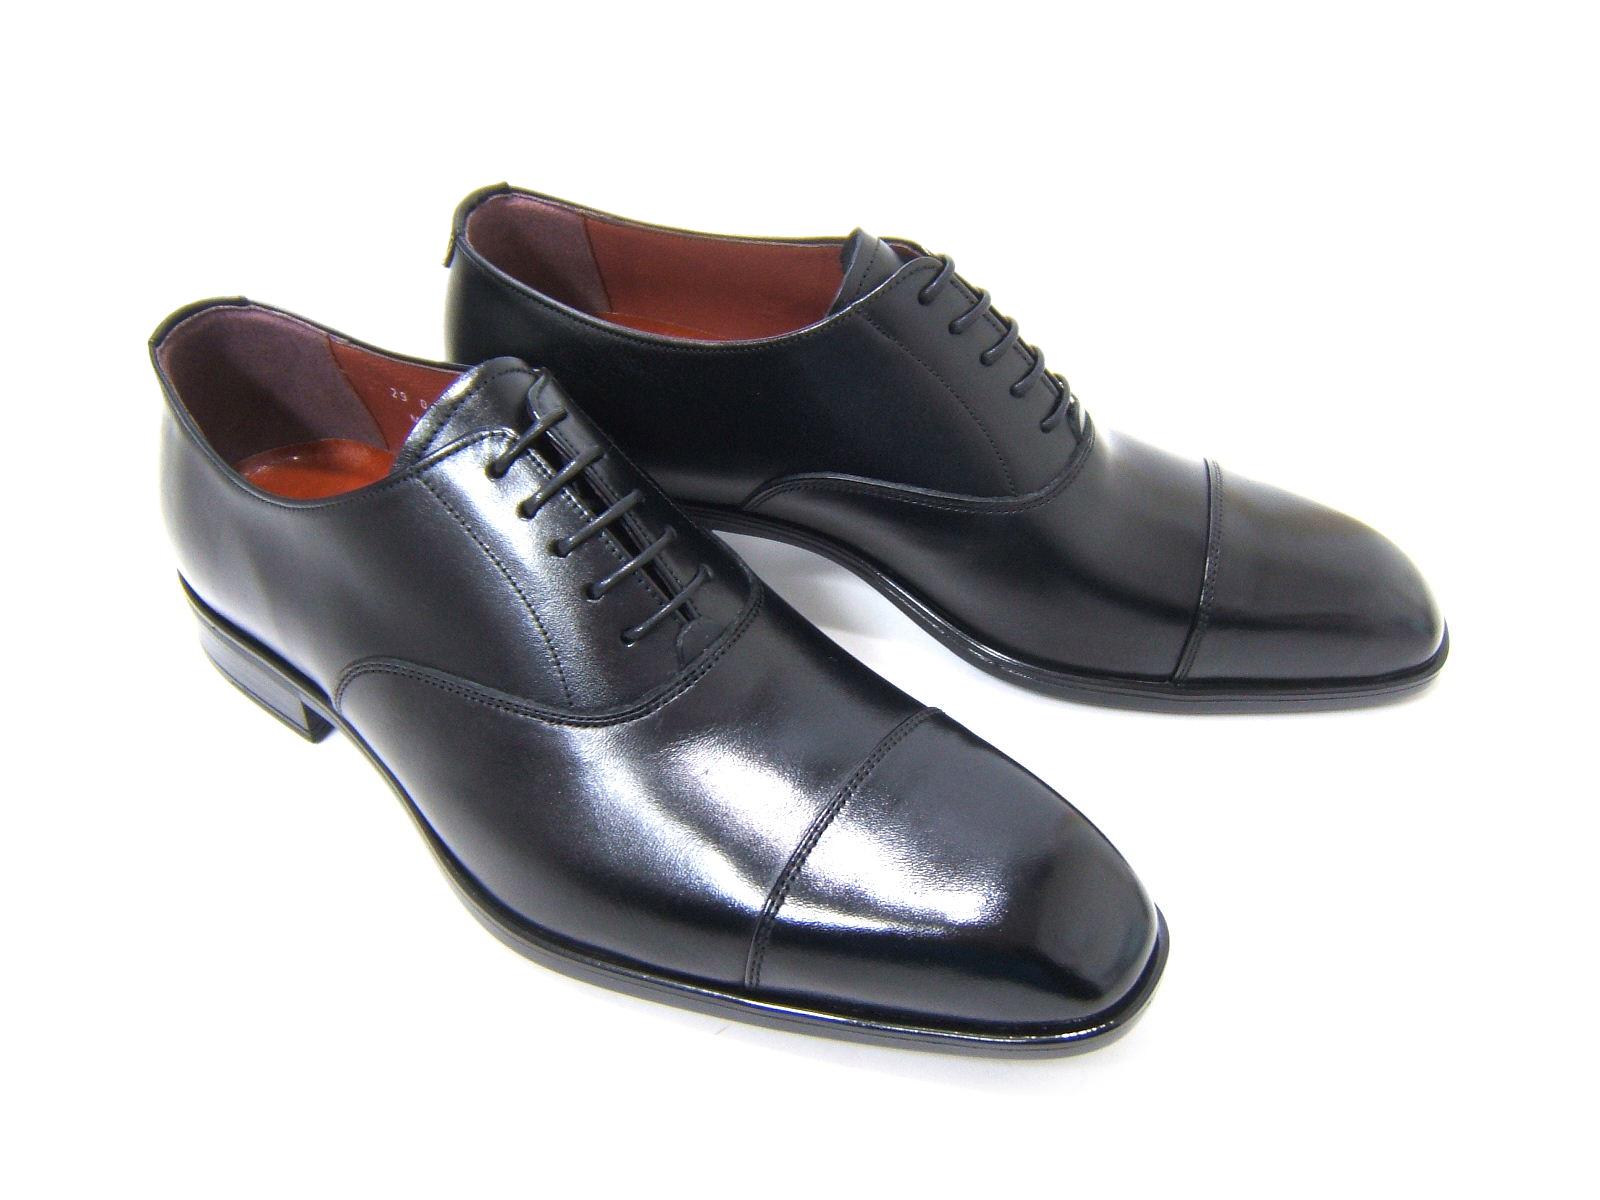 ビジネスにパーティーに♪大人の魅力溢れる足元を!フランコ ルッチ/FRANCO LUZ FL1050-BLK ブラック 紳士靴 ストレートチップ ビジネス パーティ 送料無料